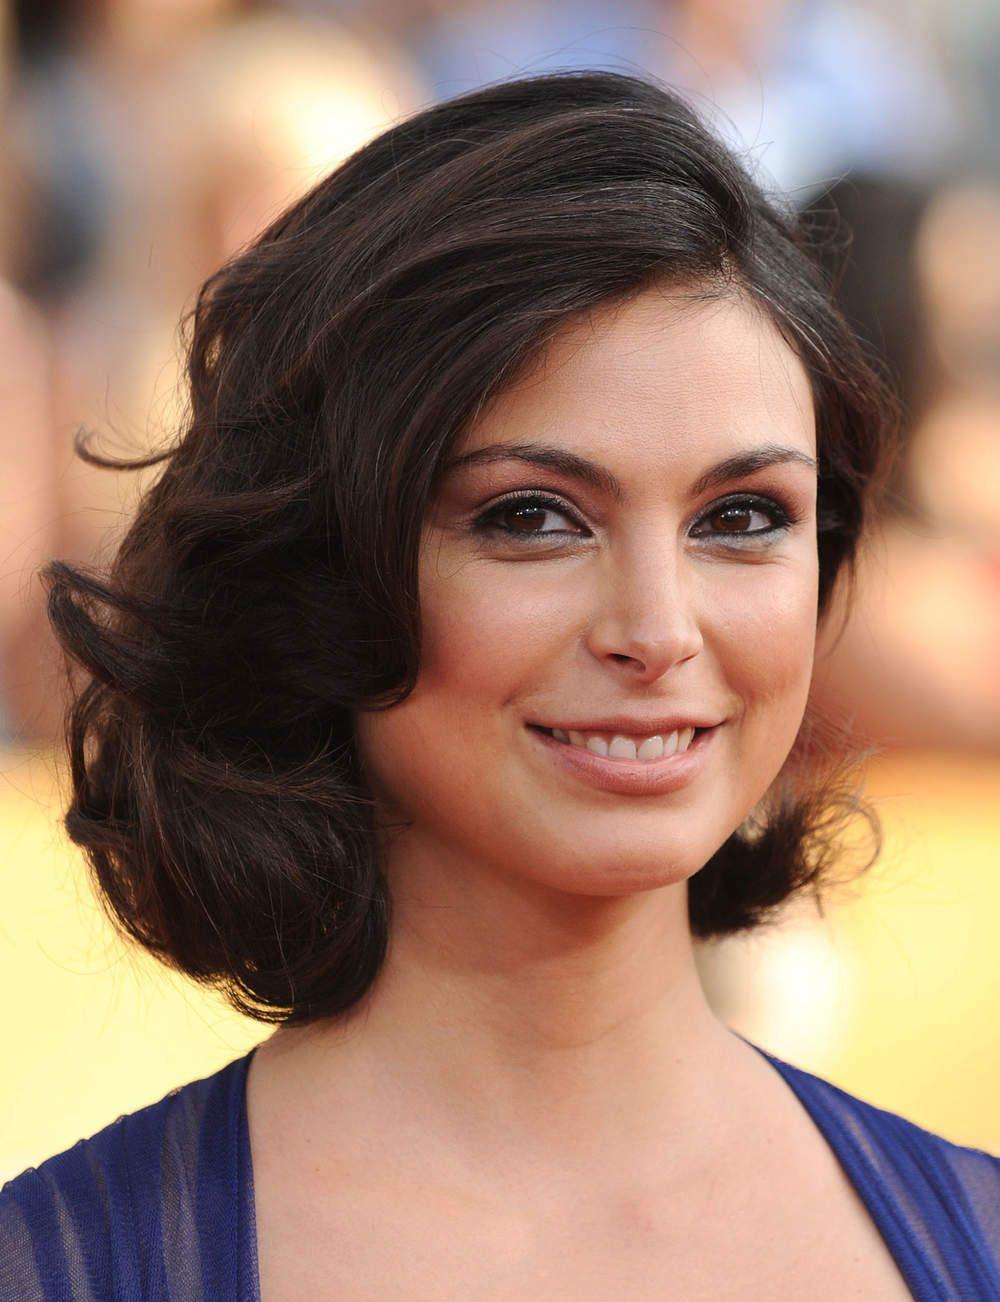 Cheveux épais : les coupes à adopter pour les sublimer en 2020   Cheveux épais, Cheveux et ...